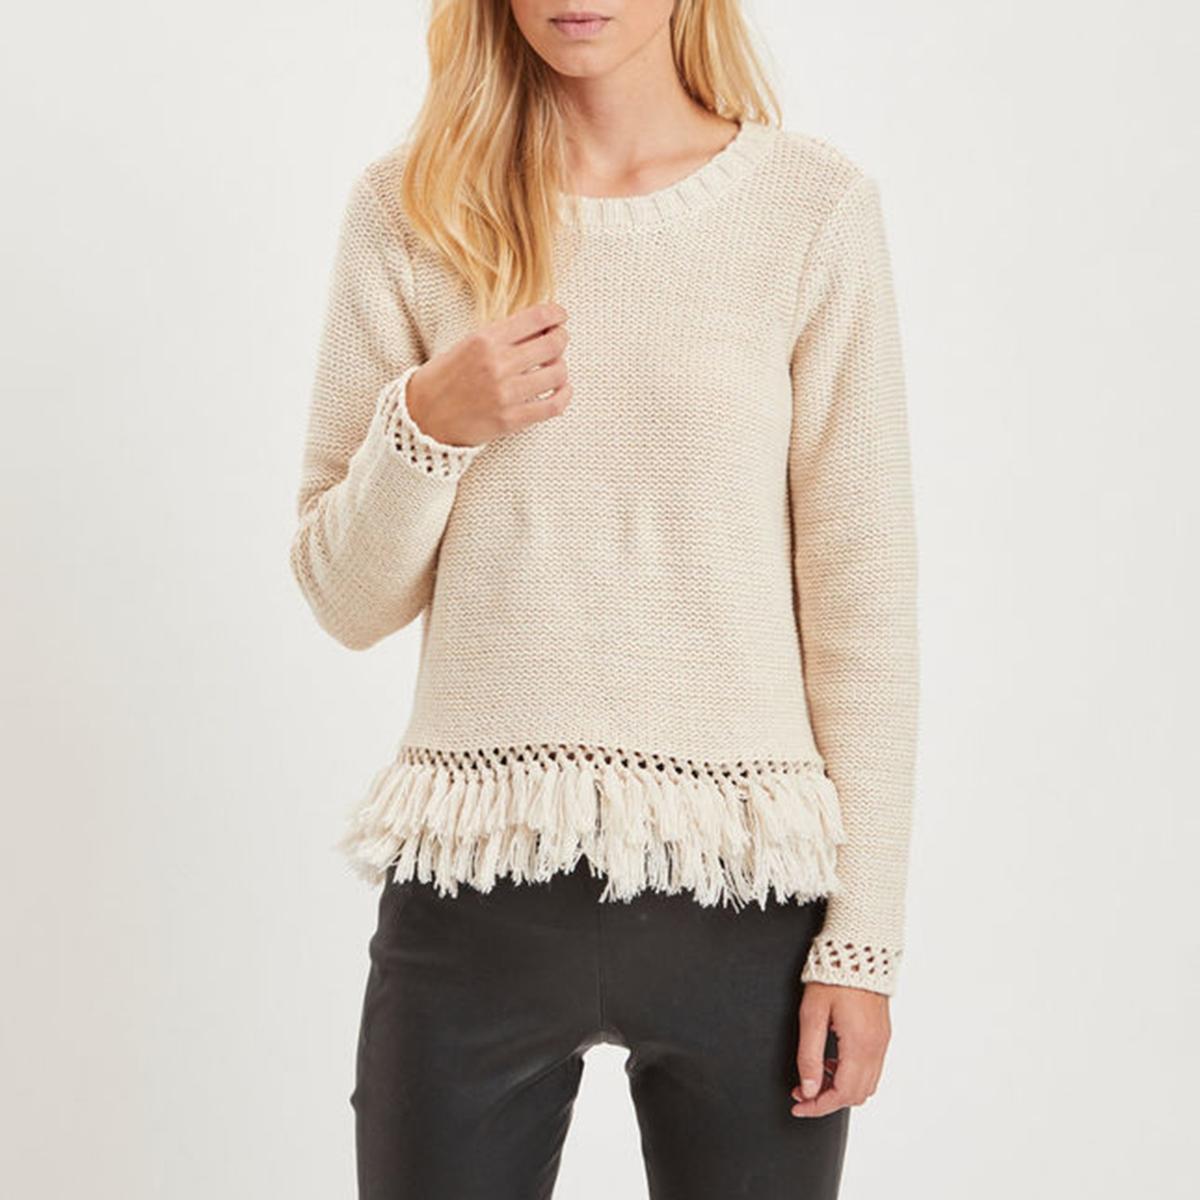 Sweter z okrągłym dekoltem i frędzlami